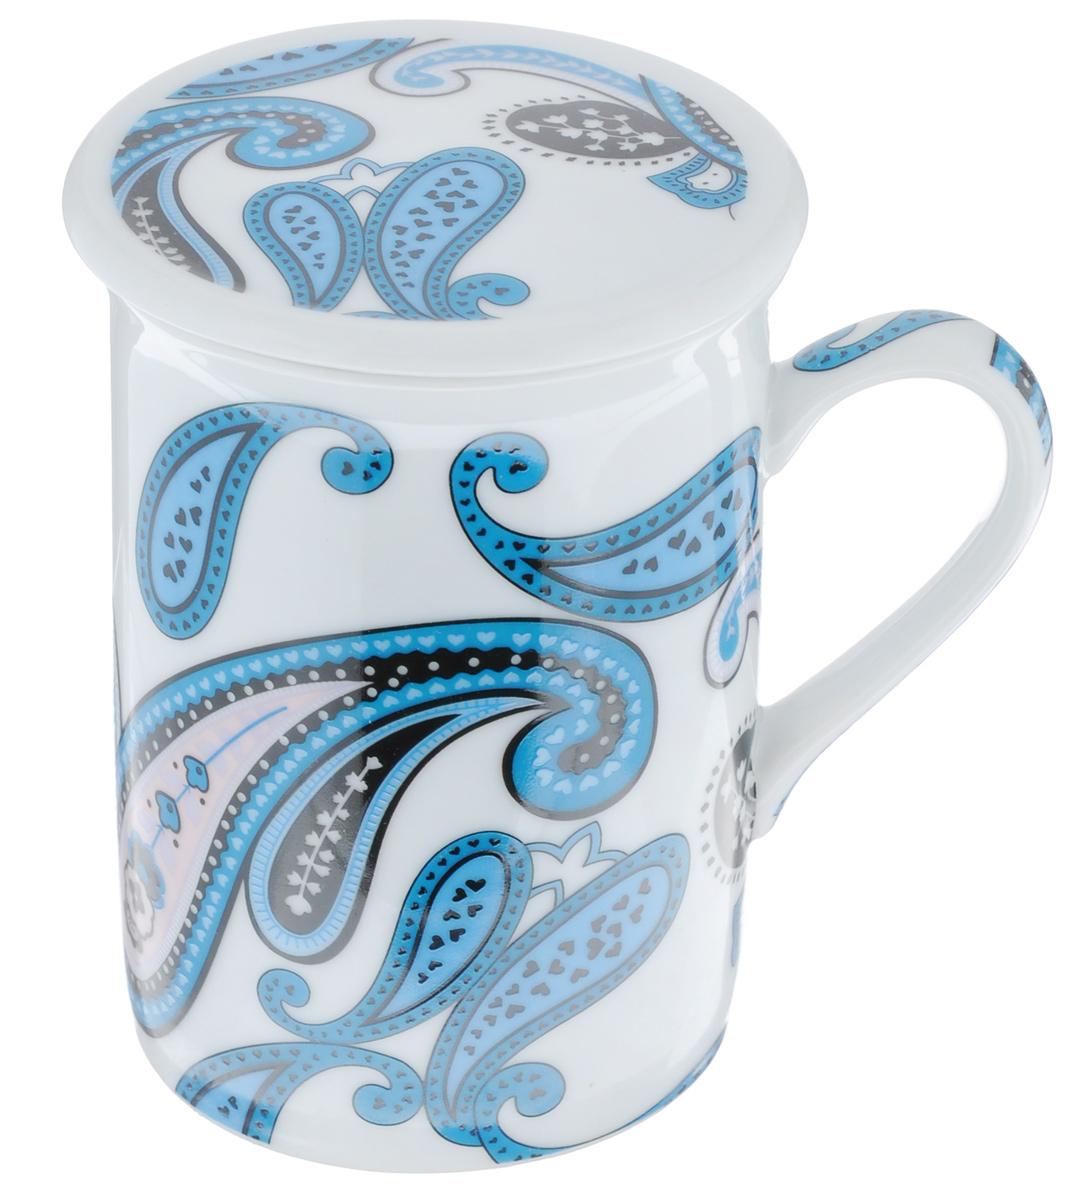 Кружка заварочная LarangE Пейсли, цвет: белый, синий, 330 млVT-1520(SR)Заварочная кружка LarangE Пейсли изготовлена из высококачественного фарфора.Внешние стенки оформлены ярким рисунком. Изделие оснащено съемнымметаллическим фильтром и фарфоровой крышкой. Заварочная кружка поможет быстро и вкусно заварить чай на одну порцию, не используязаварочный чайник.Такой набор станет хорошим подарком, а также придаст кухонному интерьеруособый колорит.Объем кружки: 330 мл. Диаметр кружки (по верхнему краю): 7,5 см.Высота стенки кружки: 10 см.Глубина ситечка: 5 см.Не рекомендуется применять абразивные моющие средства.